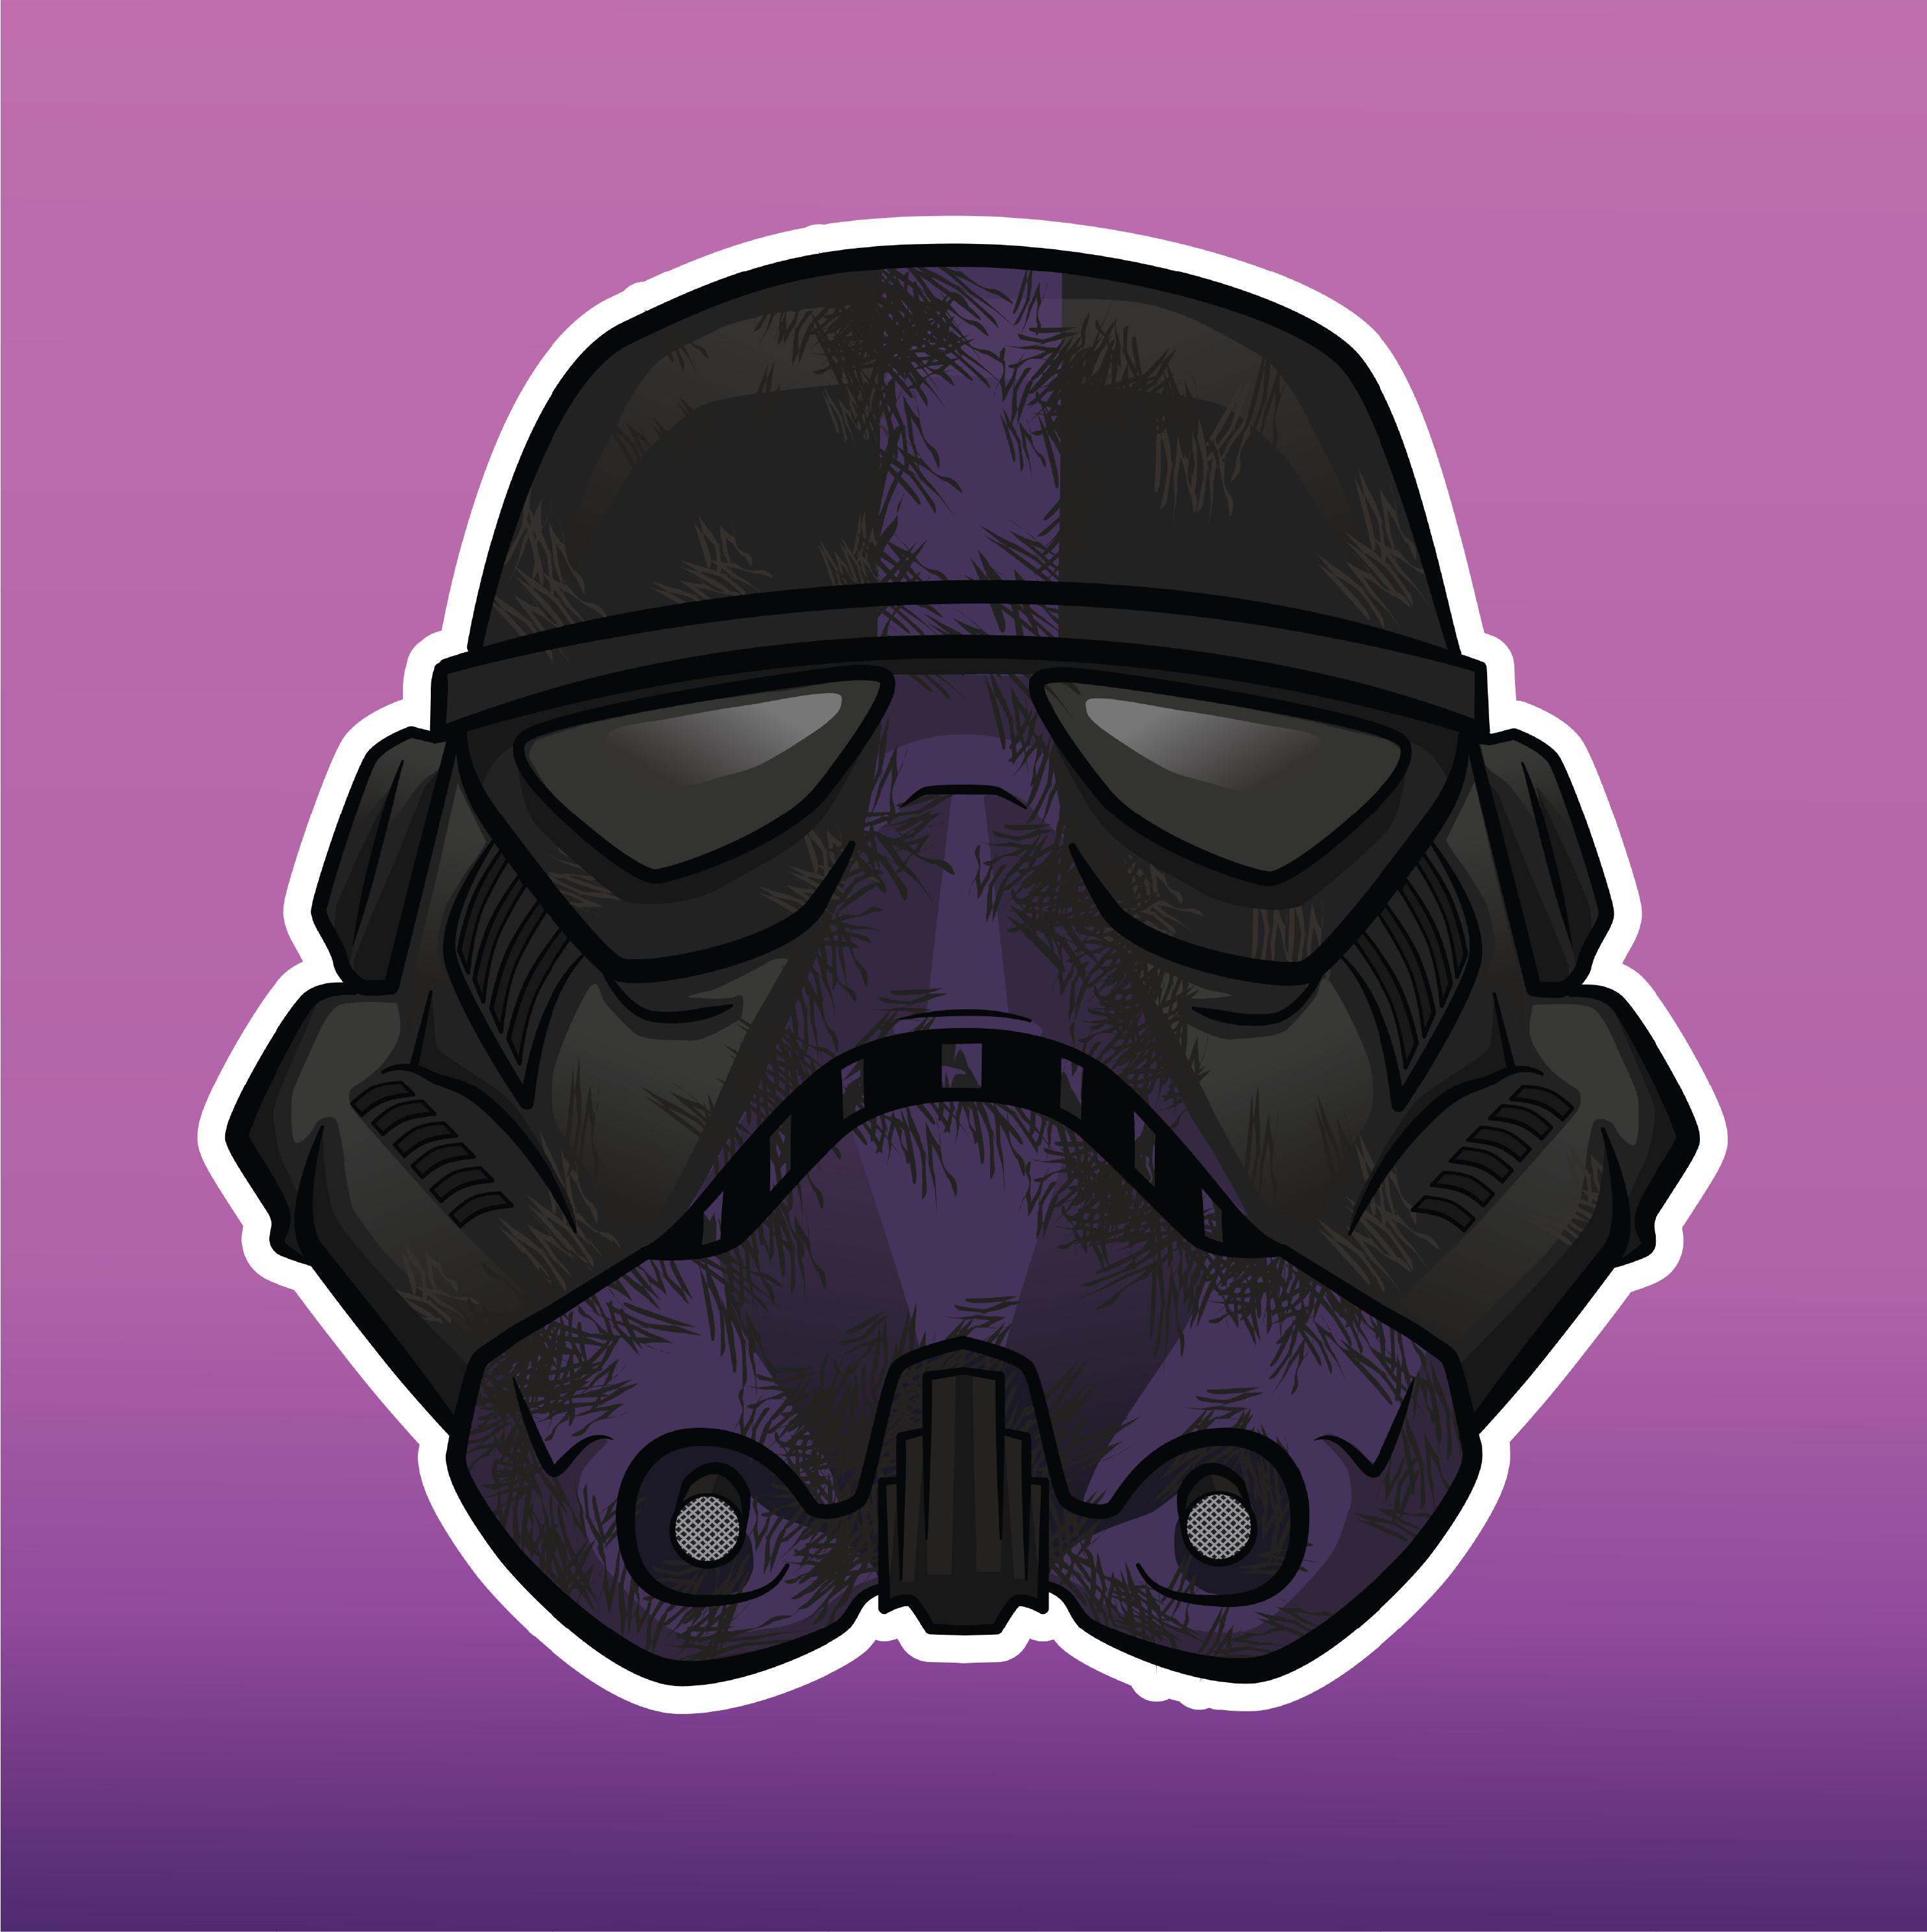 Custom Stormtrooper Mascot Logo Illustration